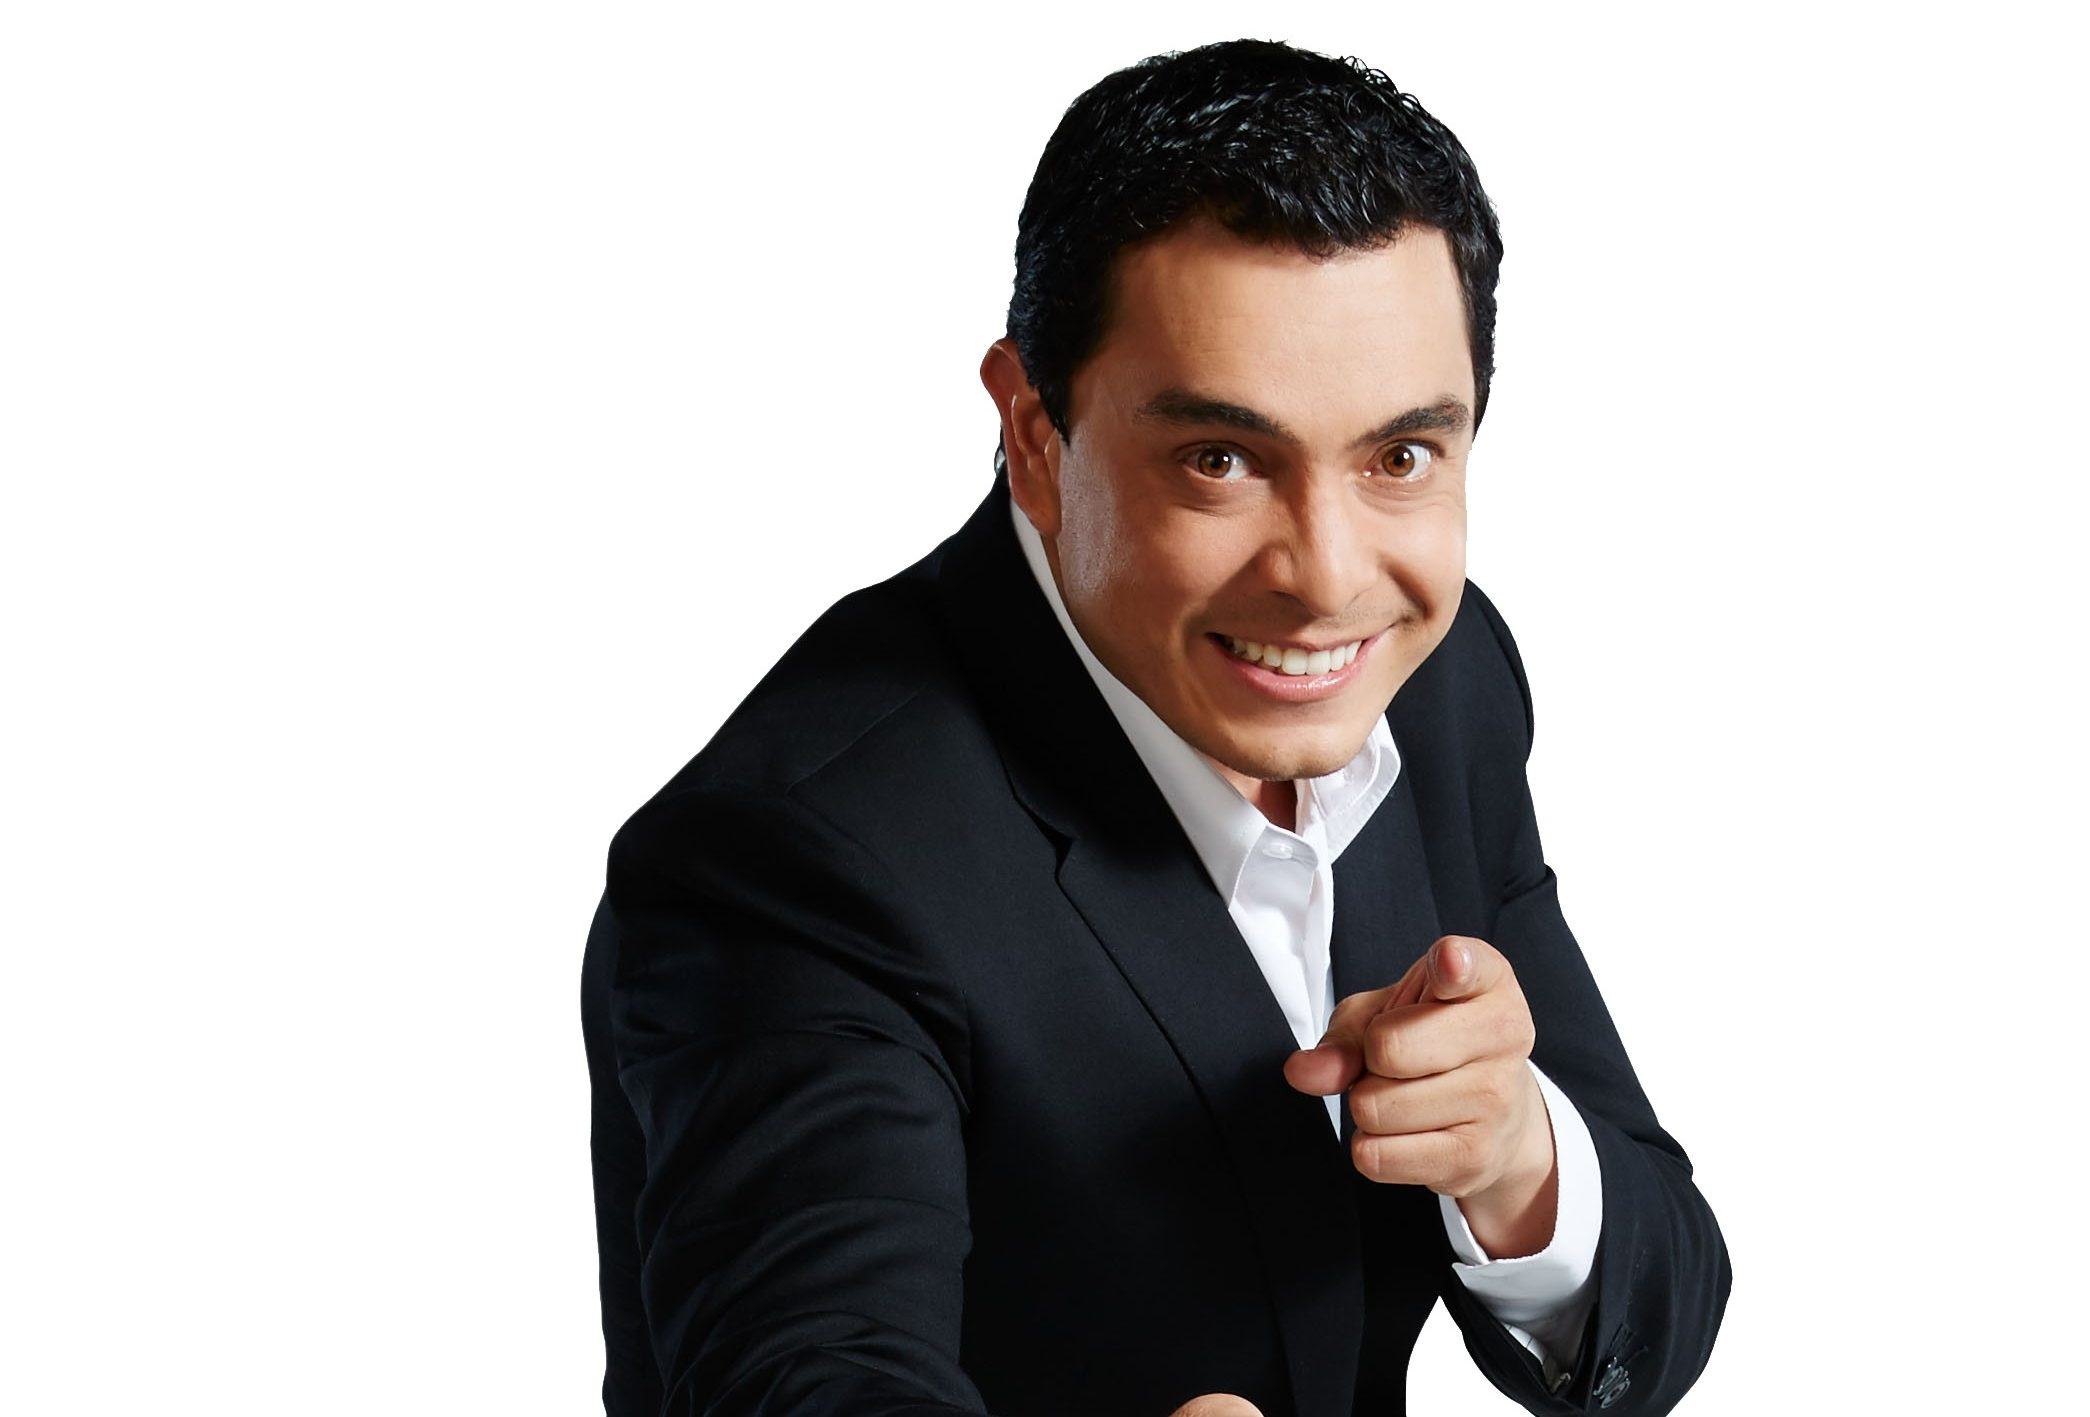 Dany Hoyos retocada (2)